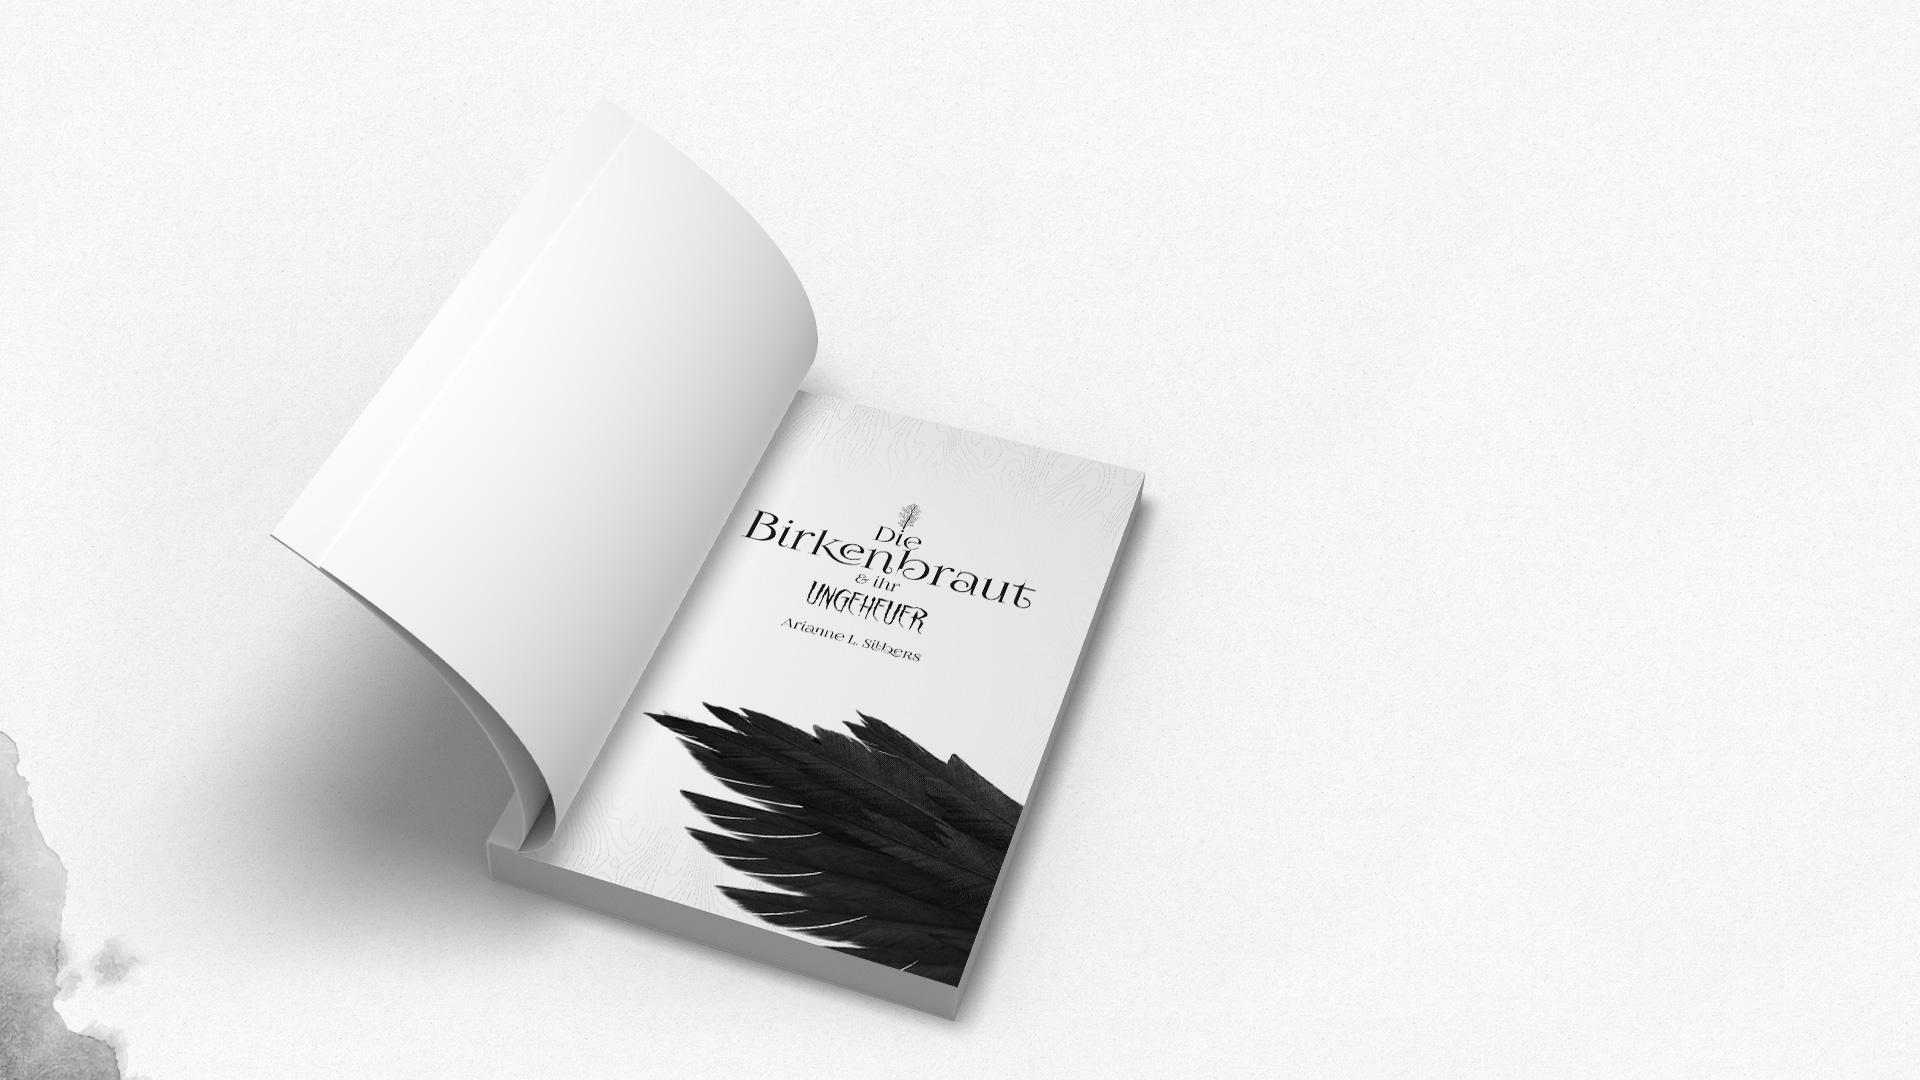 Die Birkenbraut Buchsatz